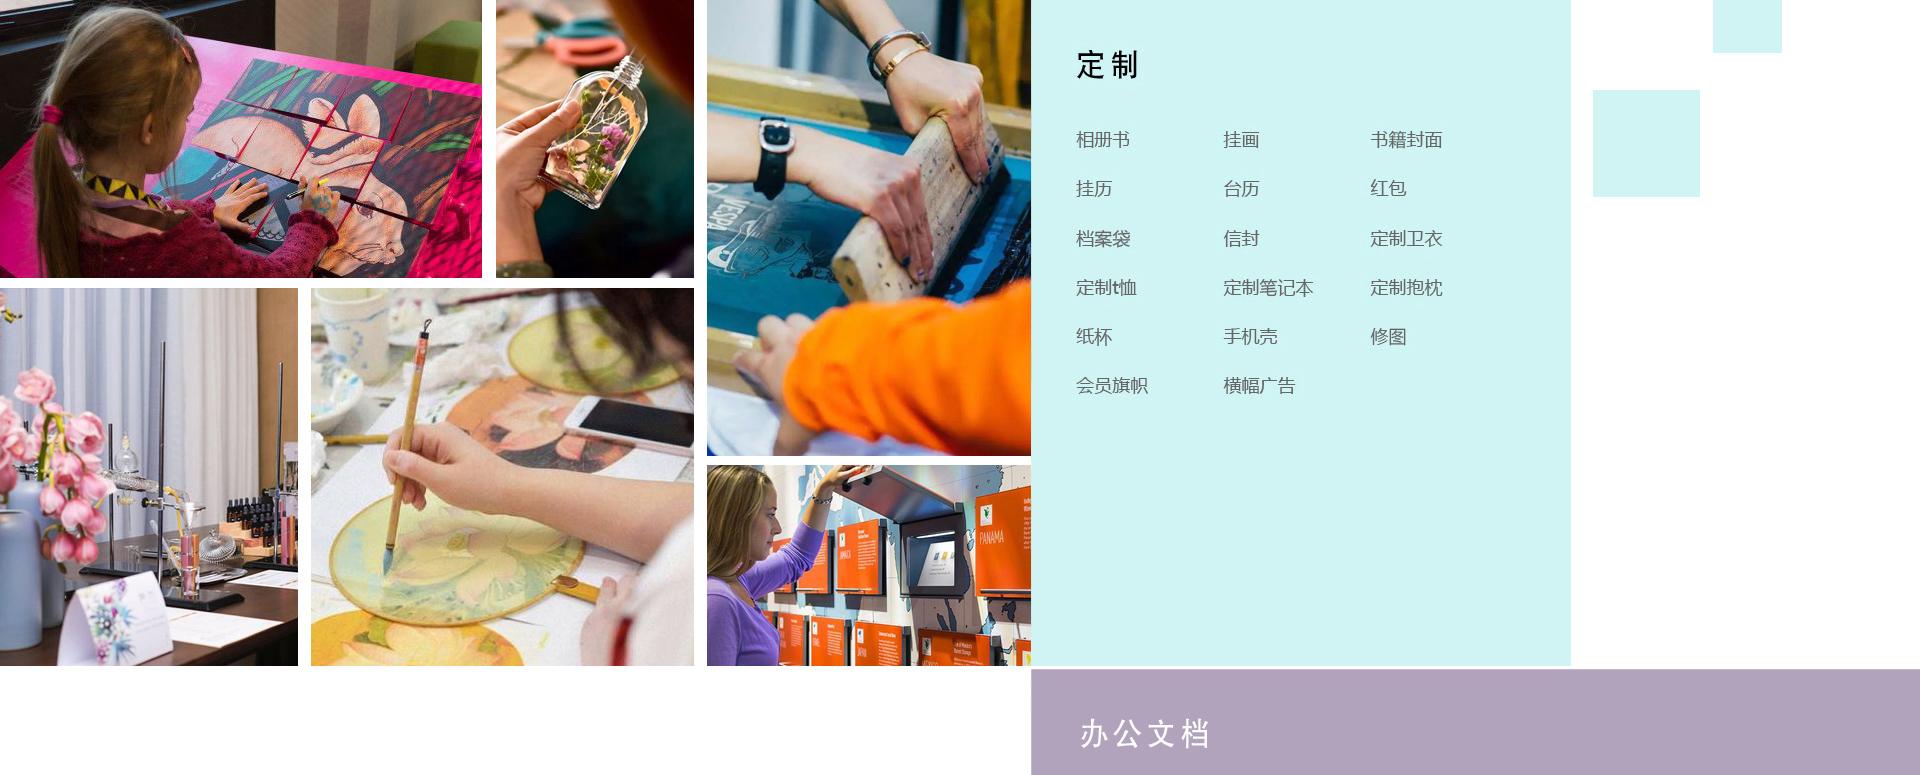 设计场景最终版_09.jpg